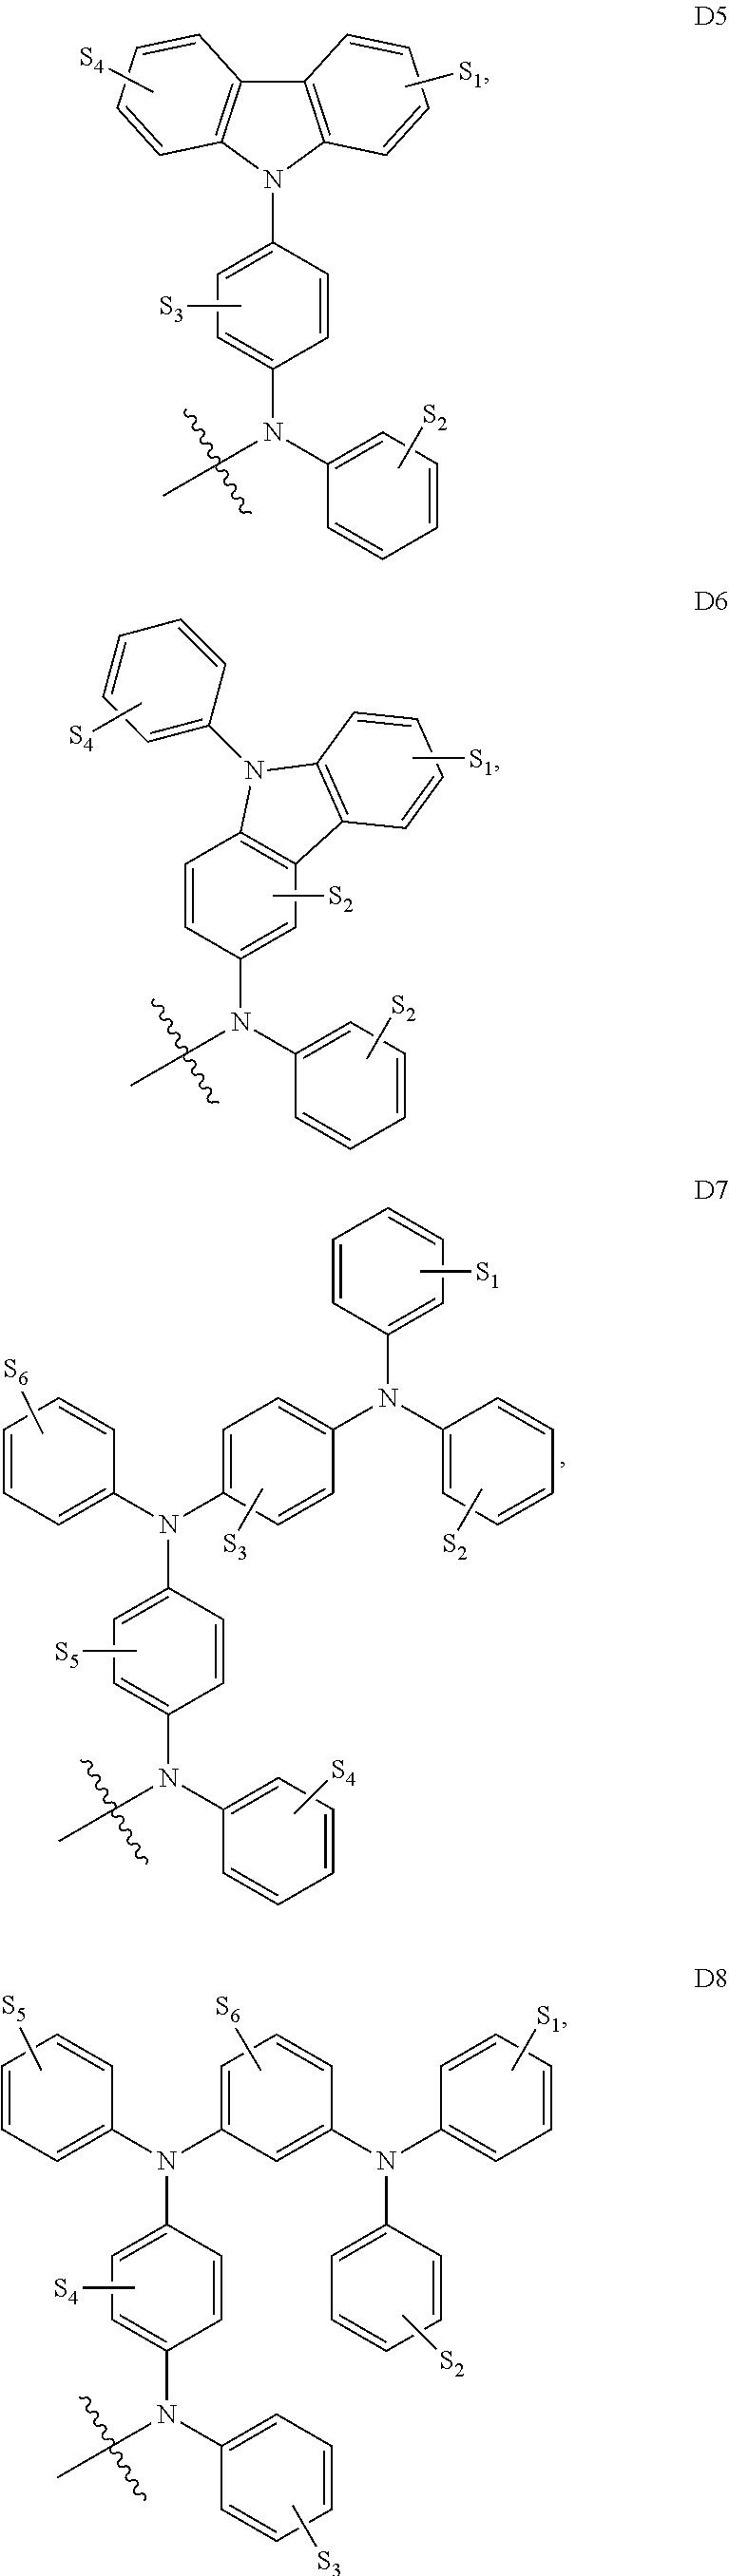 Figure US09537106-20170103-C00567